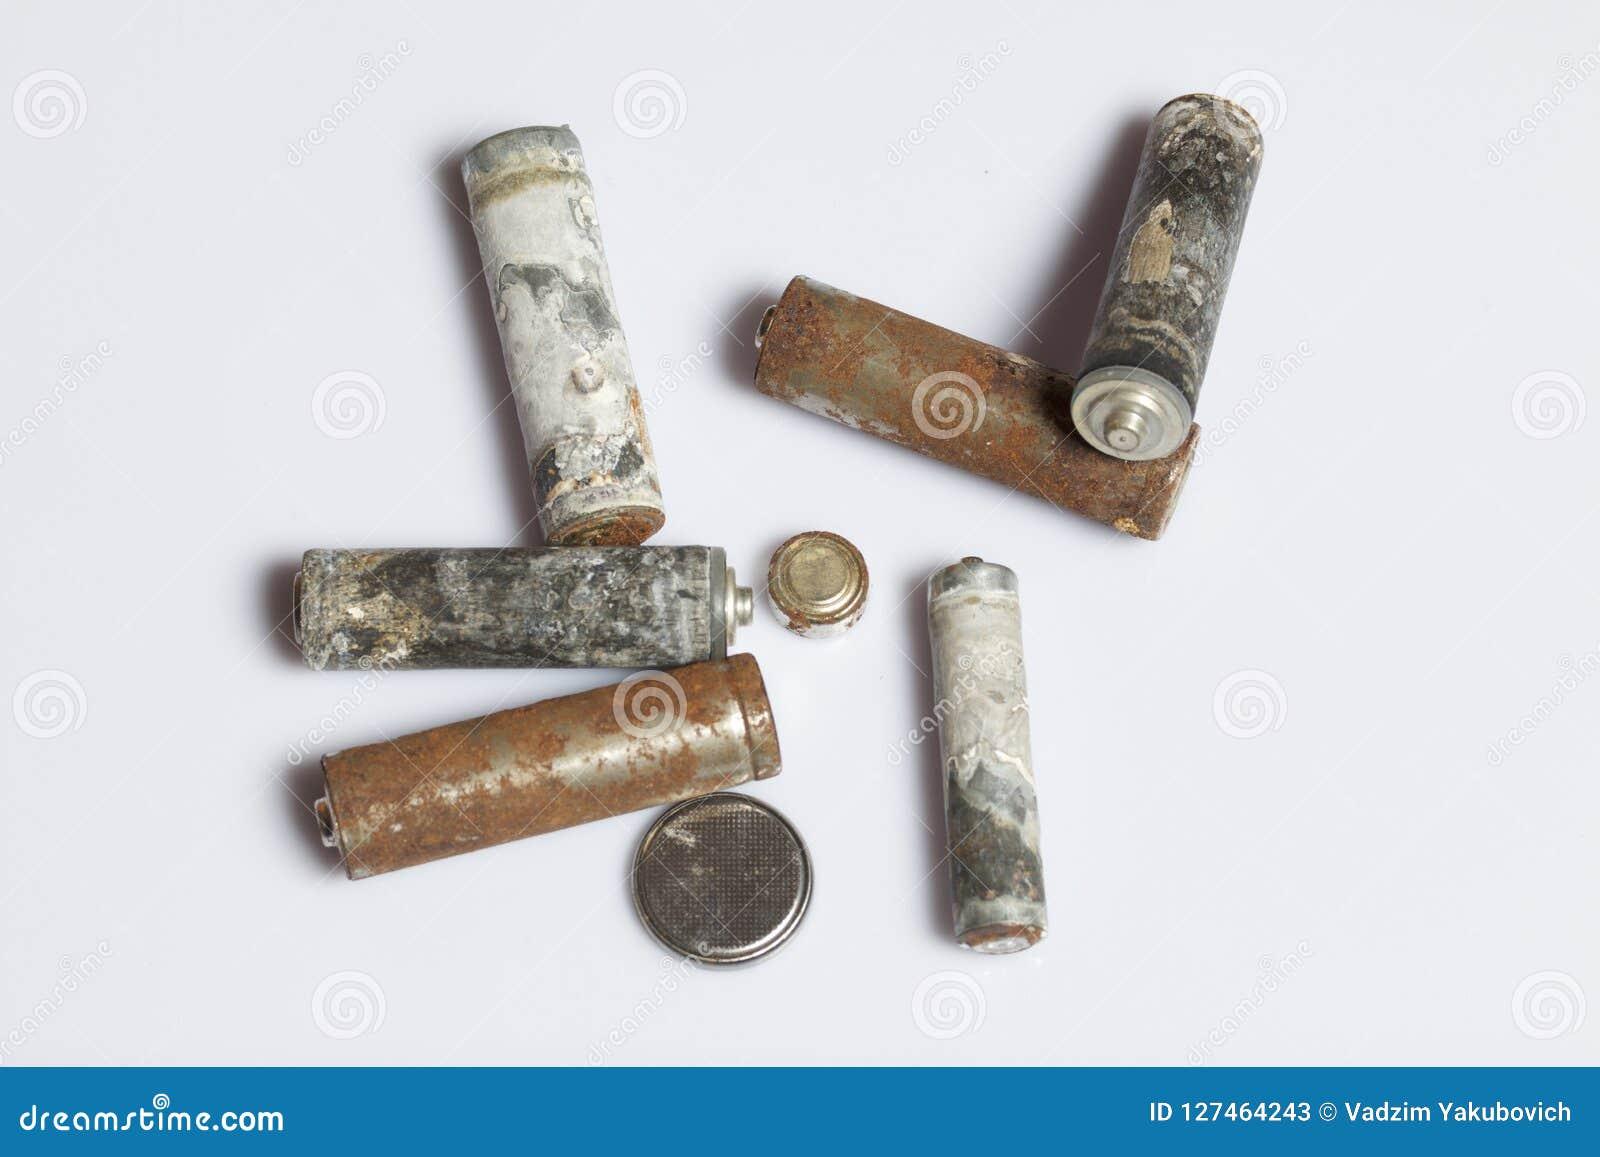 Χρησιμοποιημένες μπαταρίες δάχτυλο-πληγών που καλύπτονται με τη διάβρωση ανακύκλωση